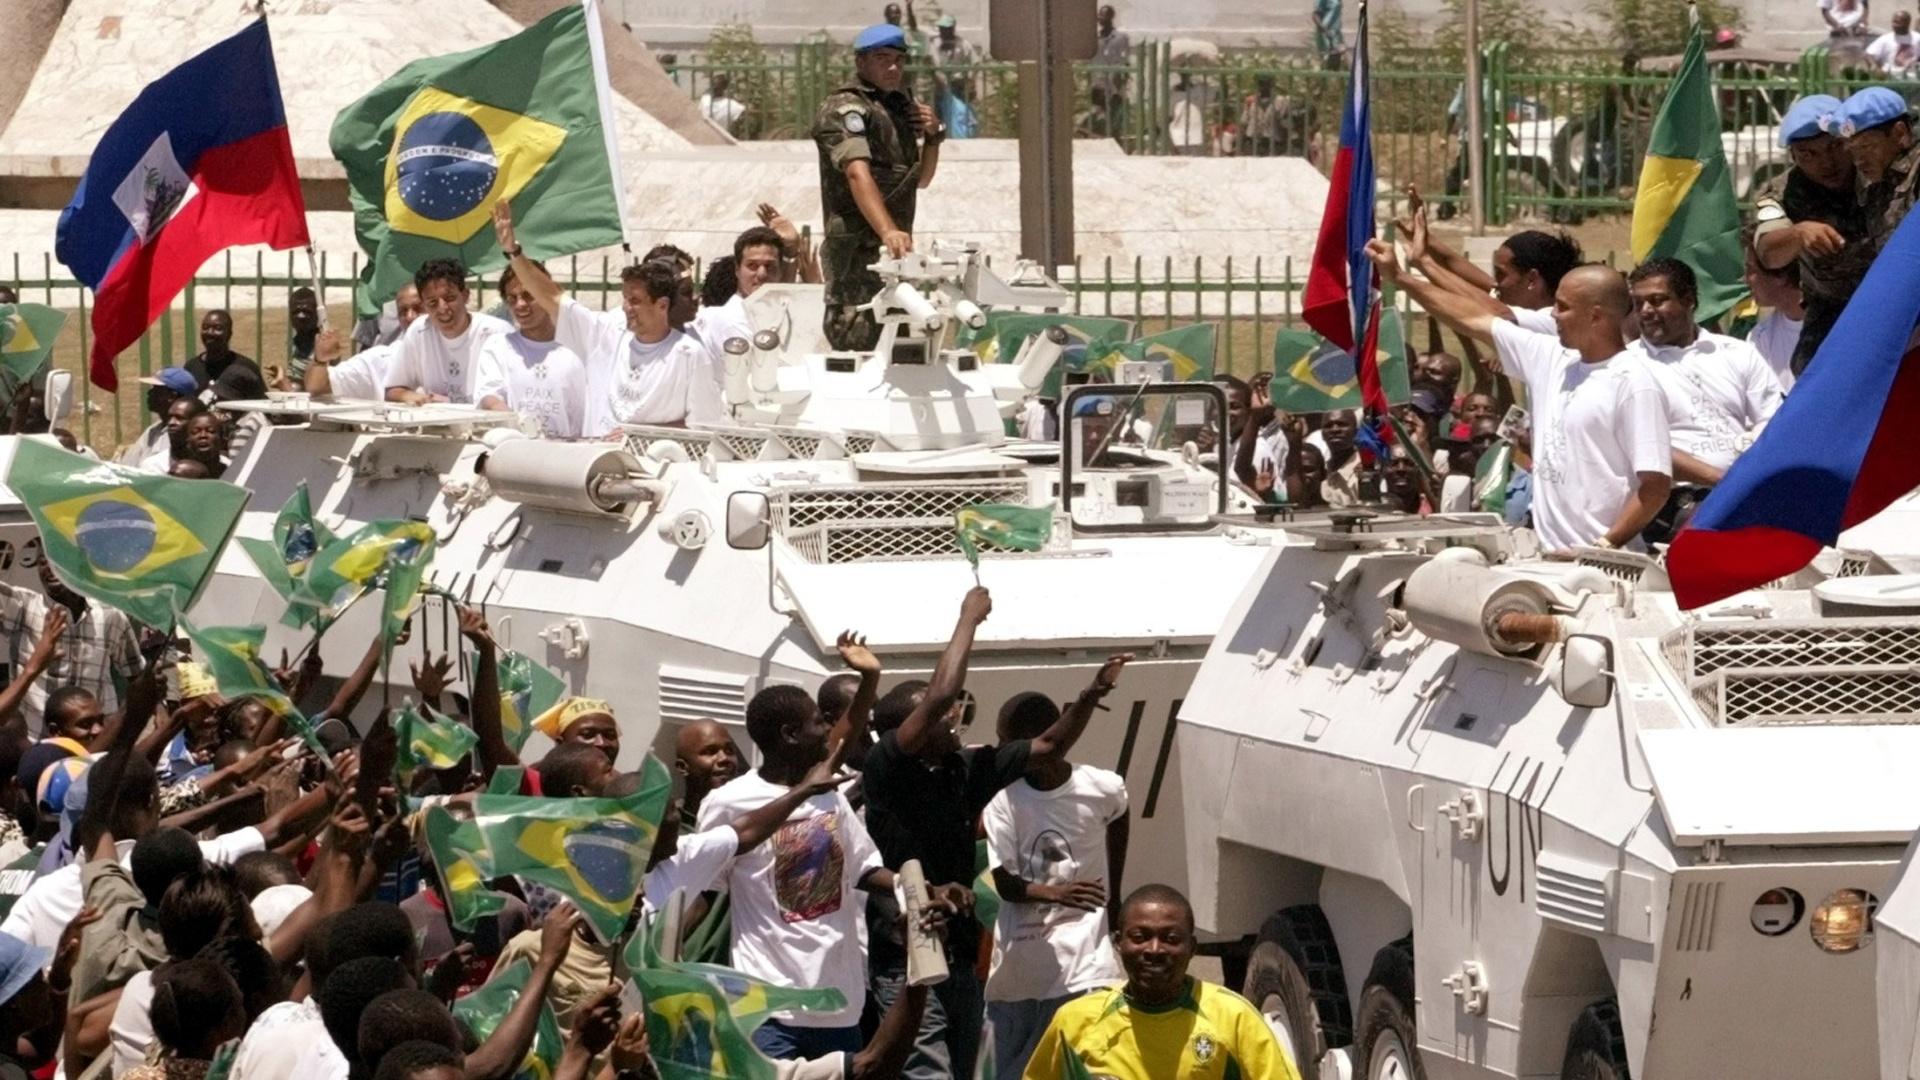 Jogadores da seleção brasileira acenam de dentro de tanques de guerra para os haitianos, antes do amistoso de 2004